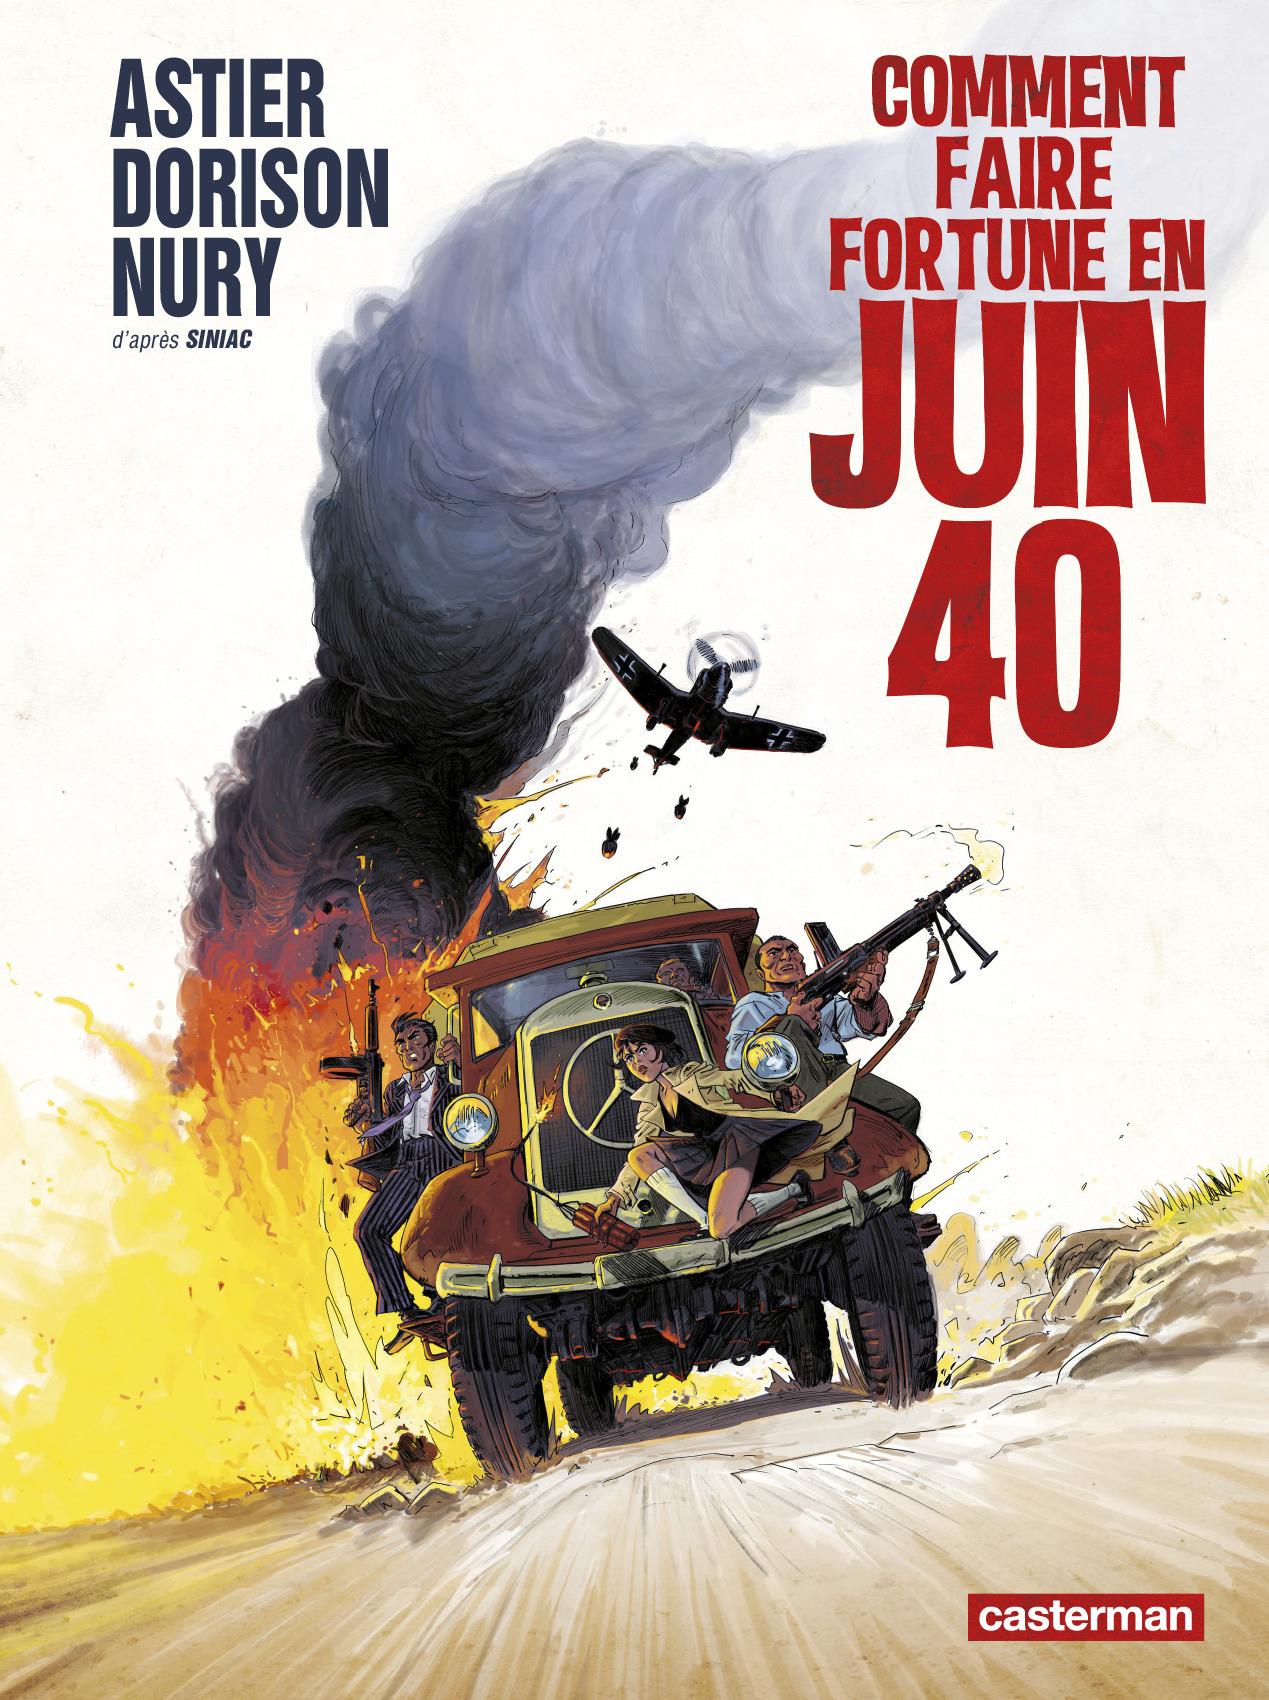 COMMENT FAIRE FORTUNE EN JUIN 40 - LIBREMENT ADAPTE DE SOUS L'AILE NOIRE DES RAPACES DE PIERRE SINIA